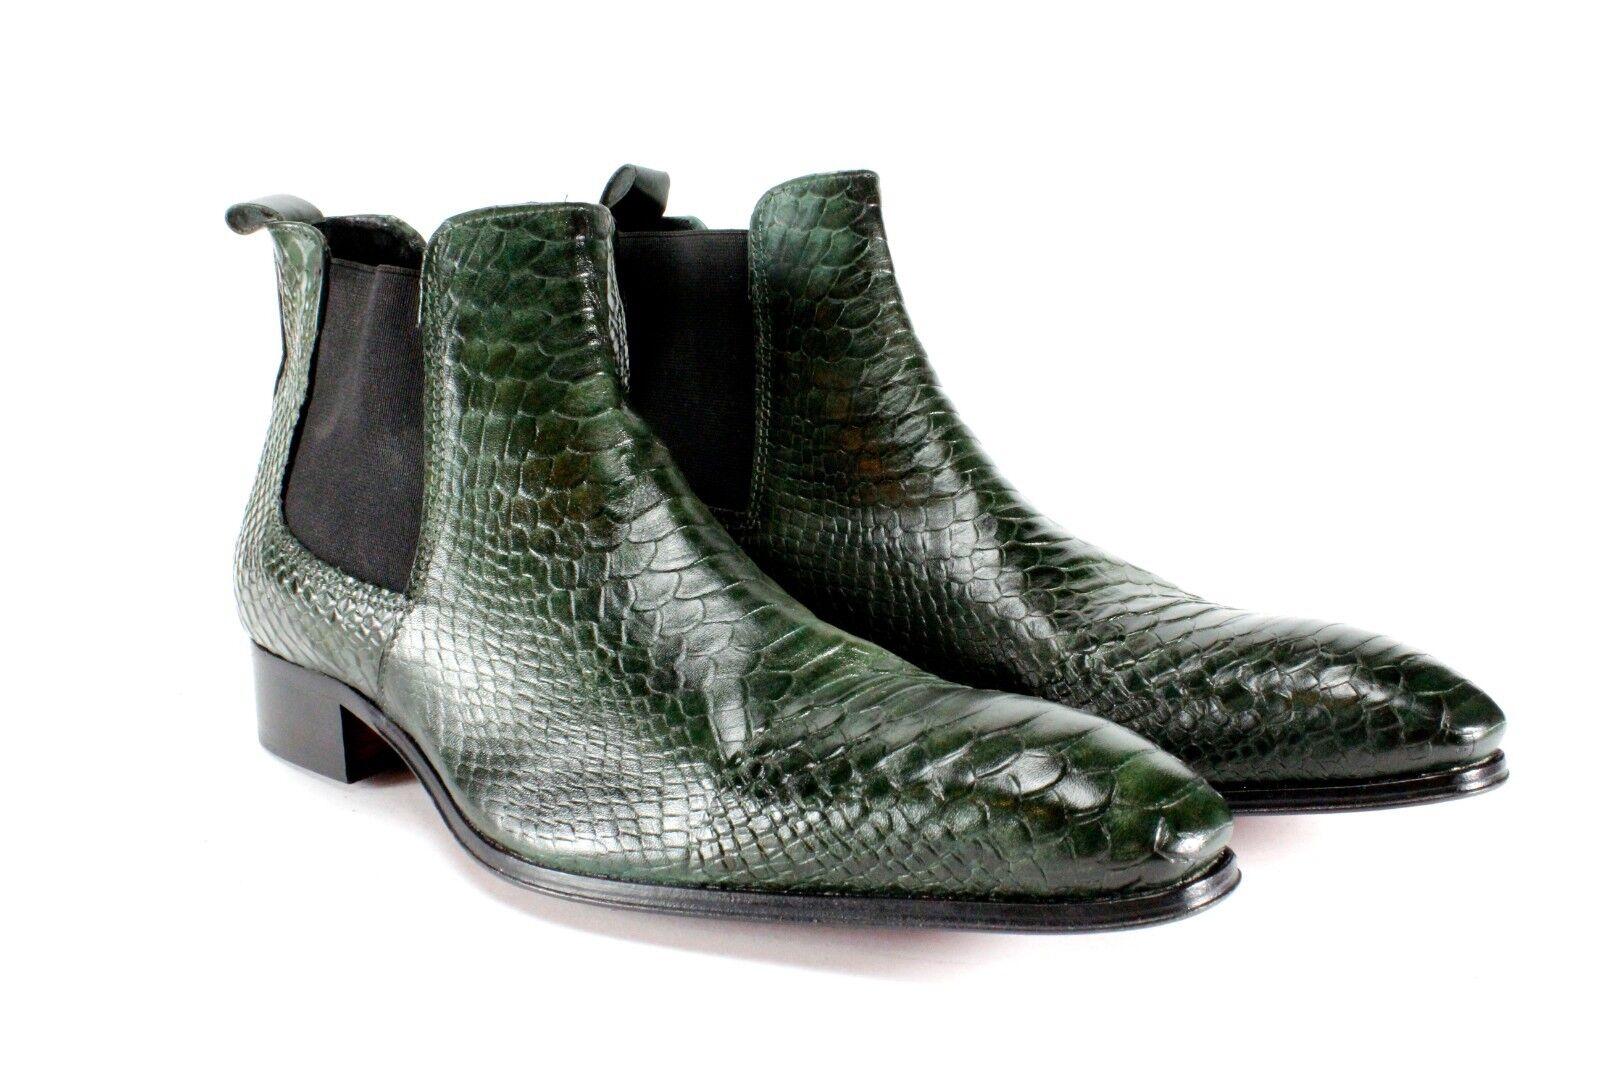 Zapatos De Vestir Ivan Troy Cocodrilo verde Hecho a Mano Cuero Italiano Hombre Zapatos botas